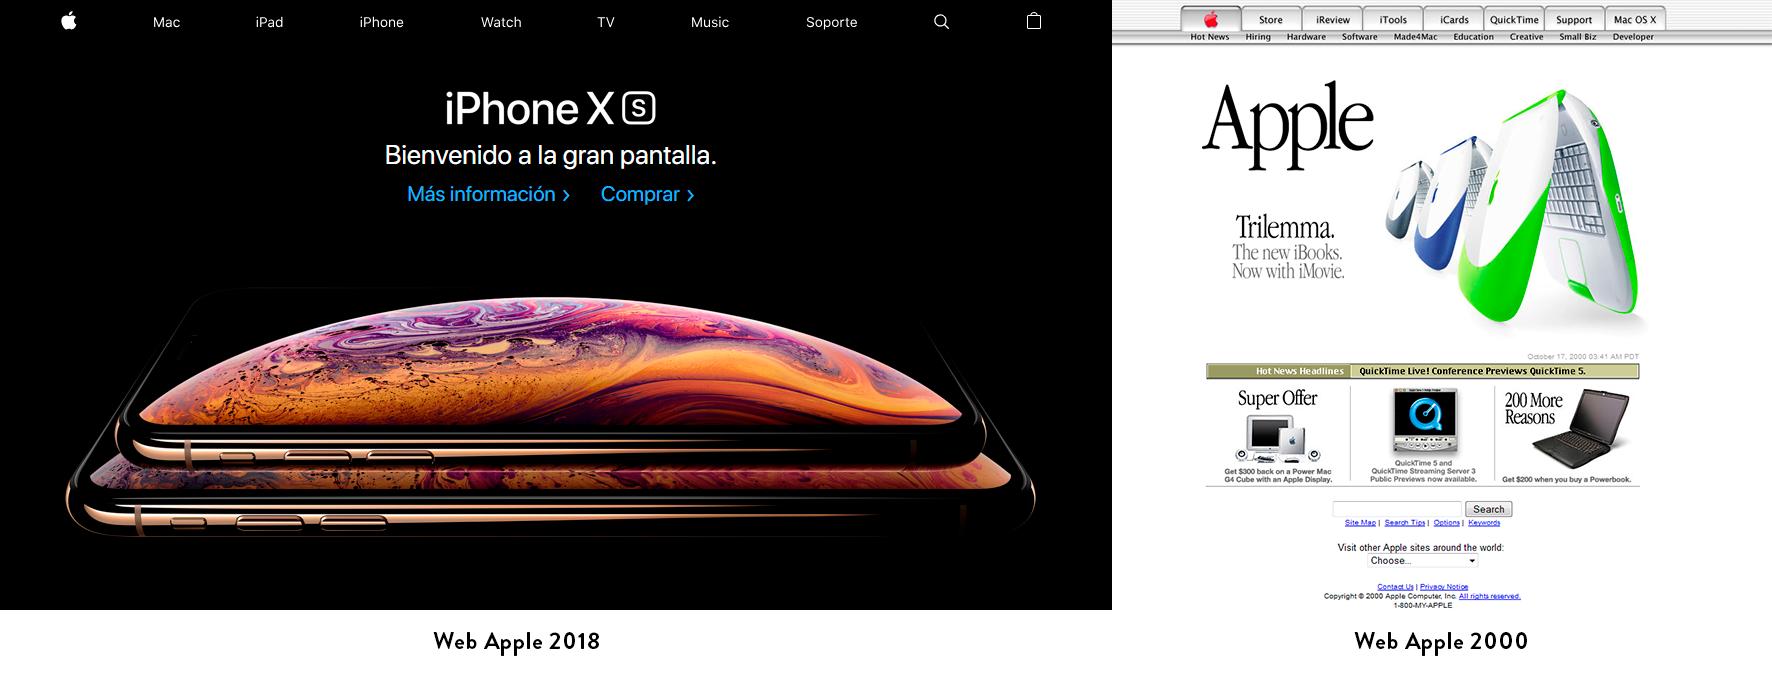 tendencias diseño web, tendencias diseño web 2019, diseño nike